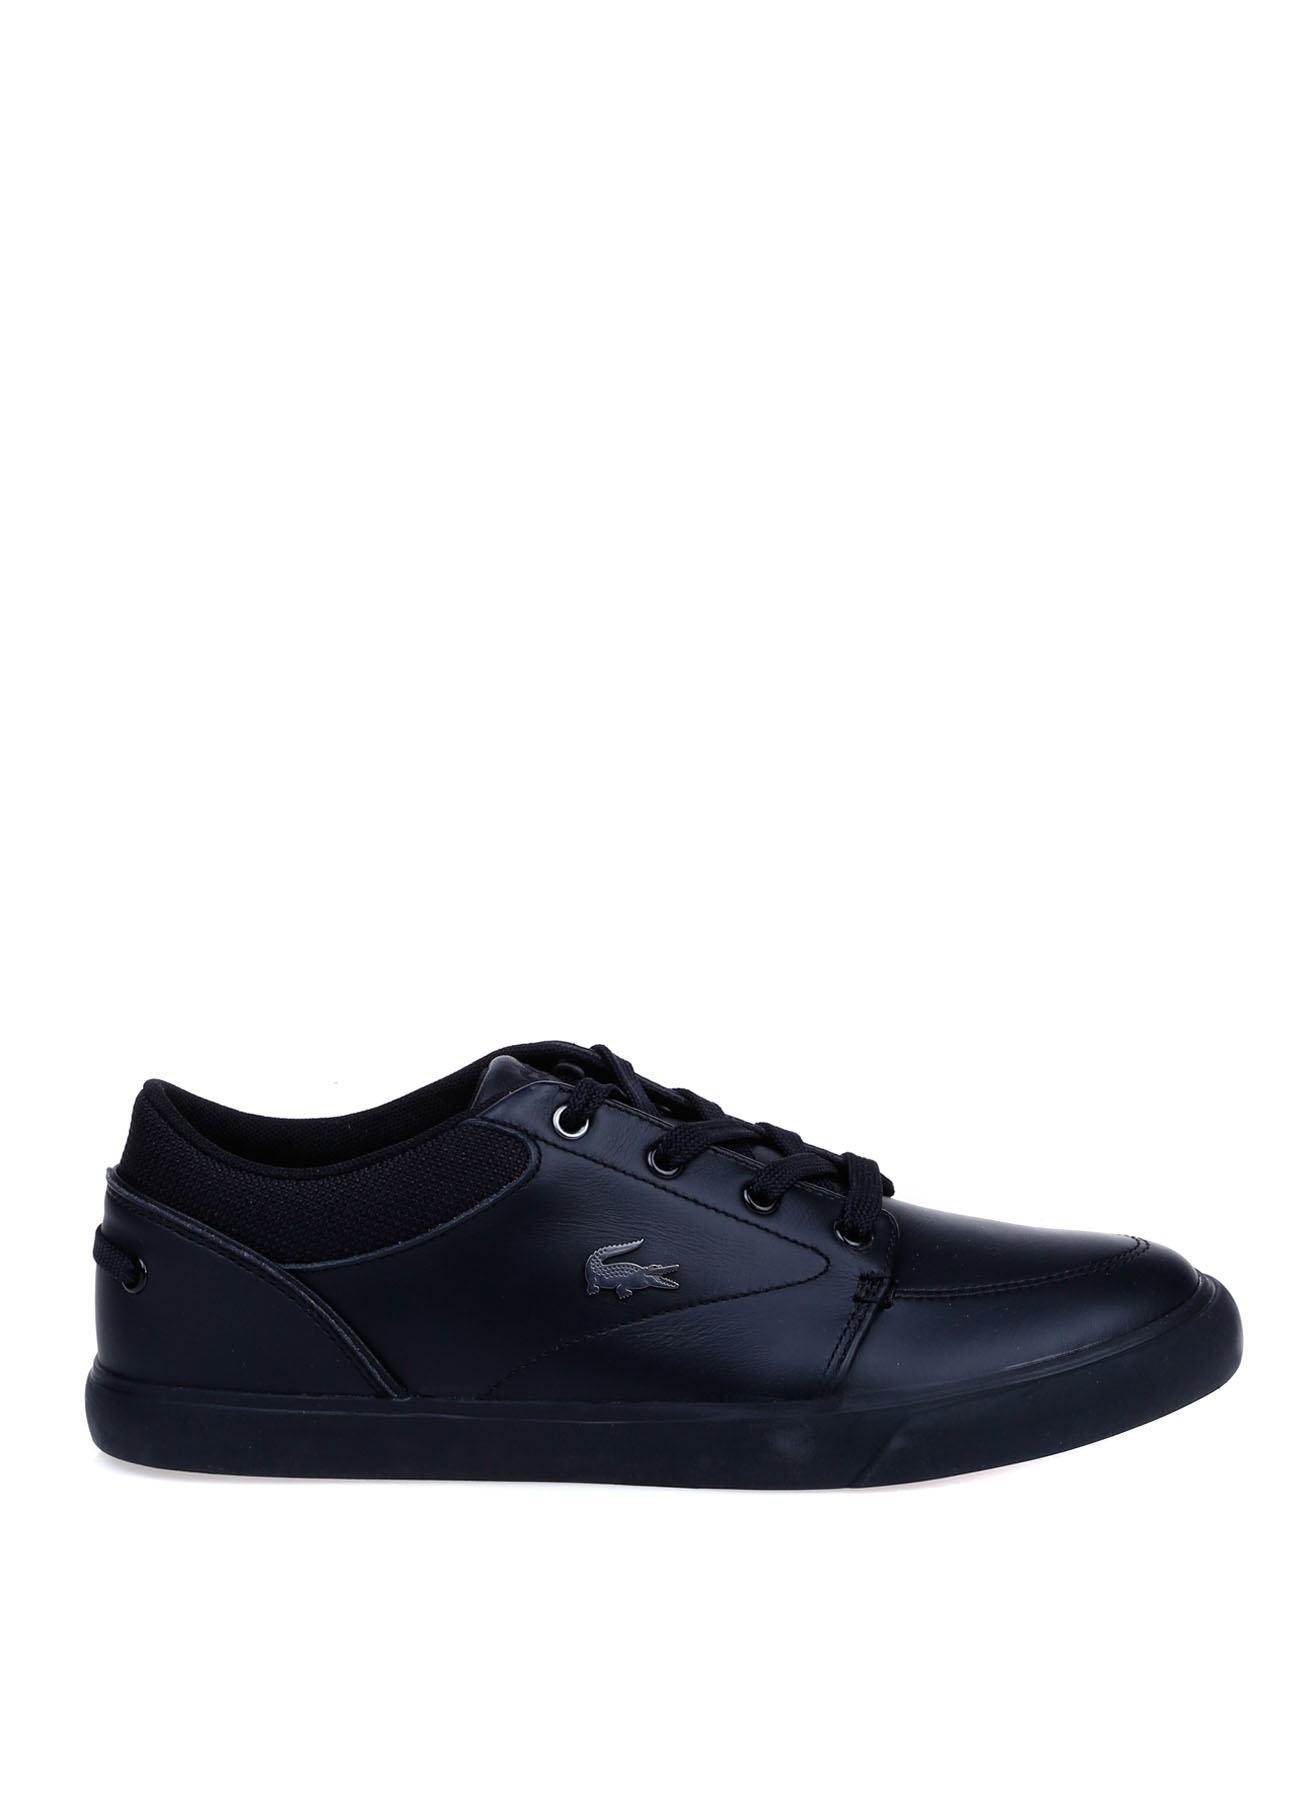 Lacoste Erkek Deri Siyah Lifestyle Ayakkabı 45 5002314222001 Ürün Resmi